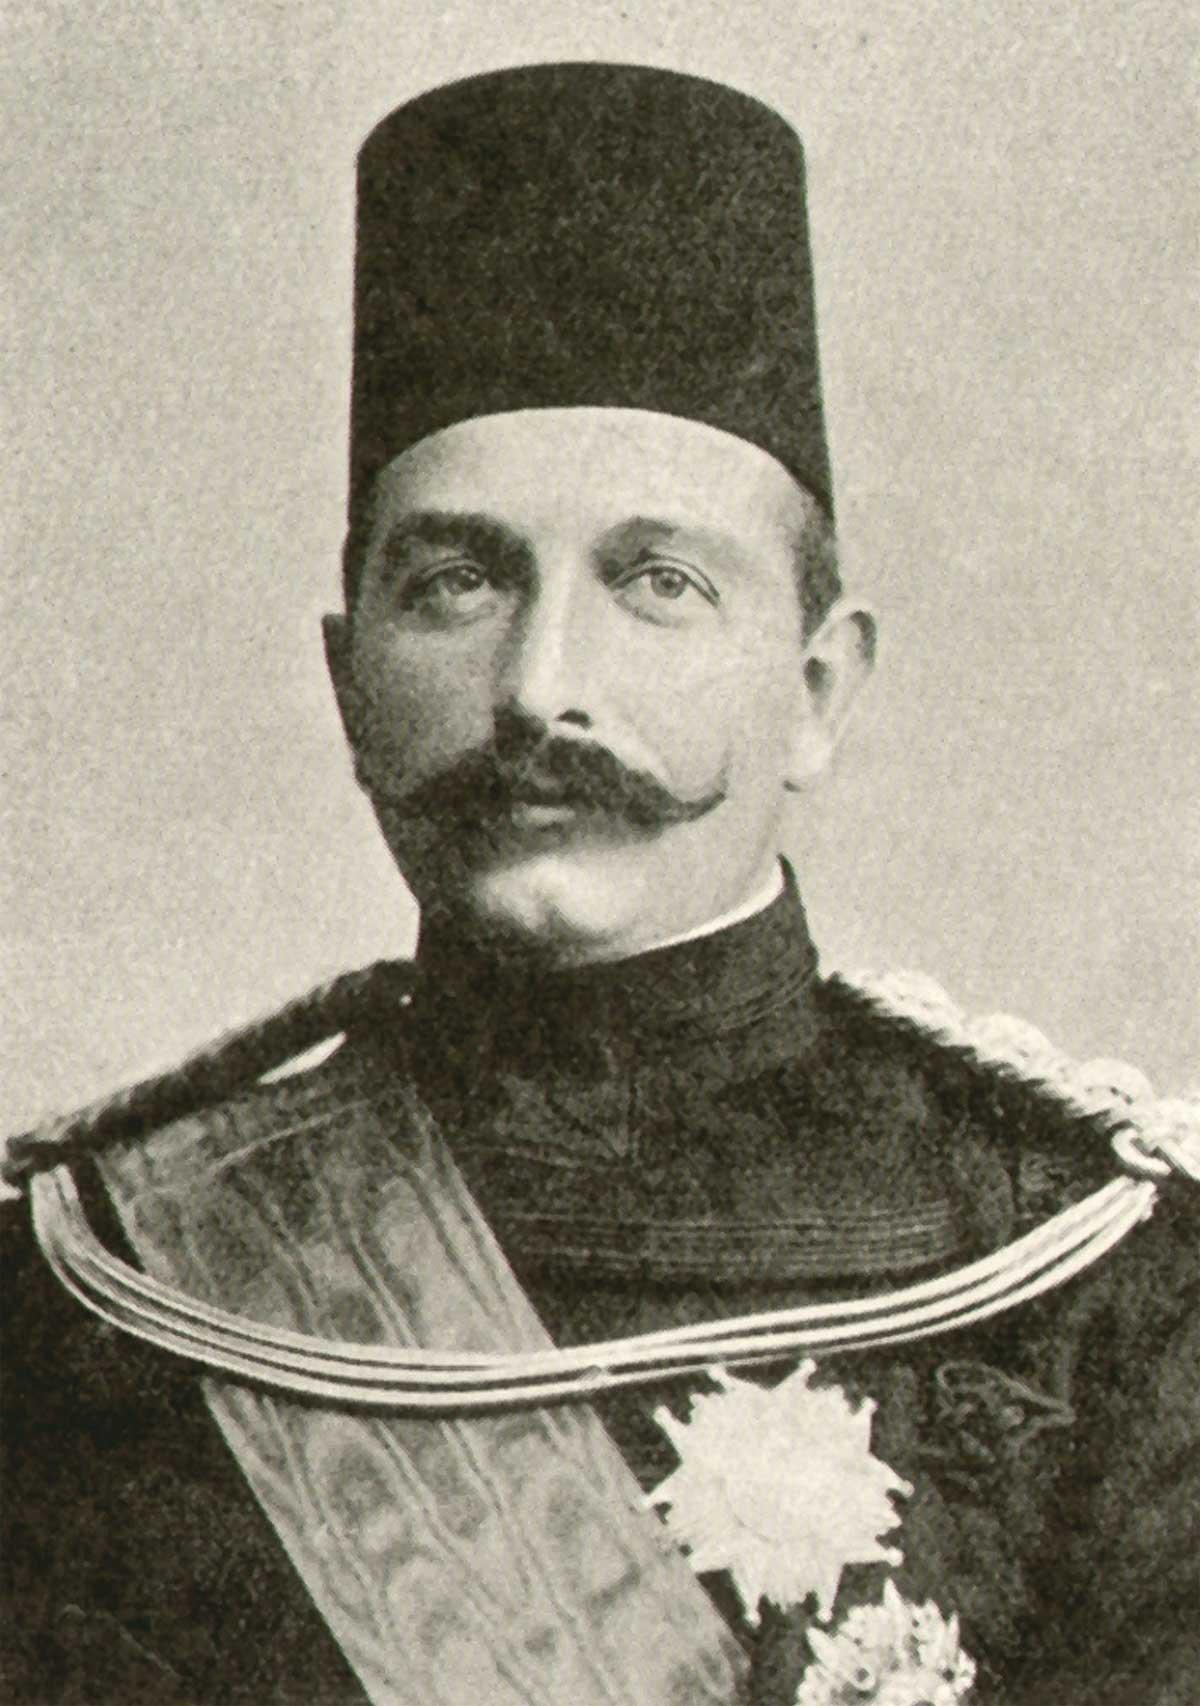 عباس حلمي الثاني ويكيبيديا